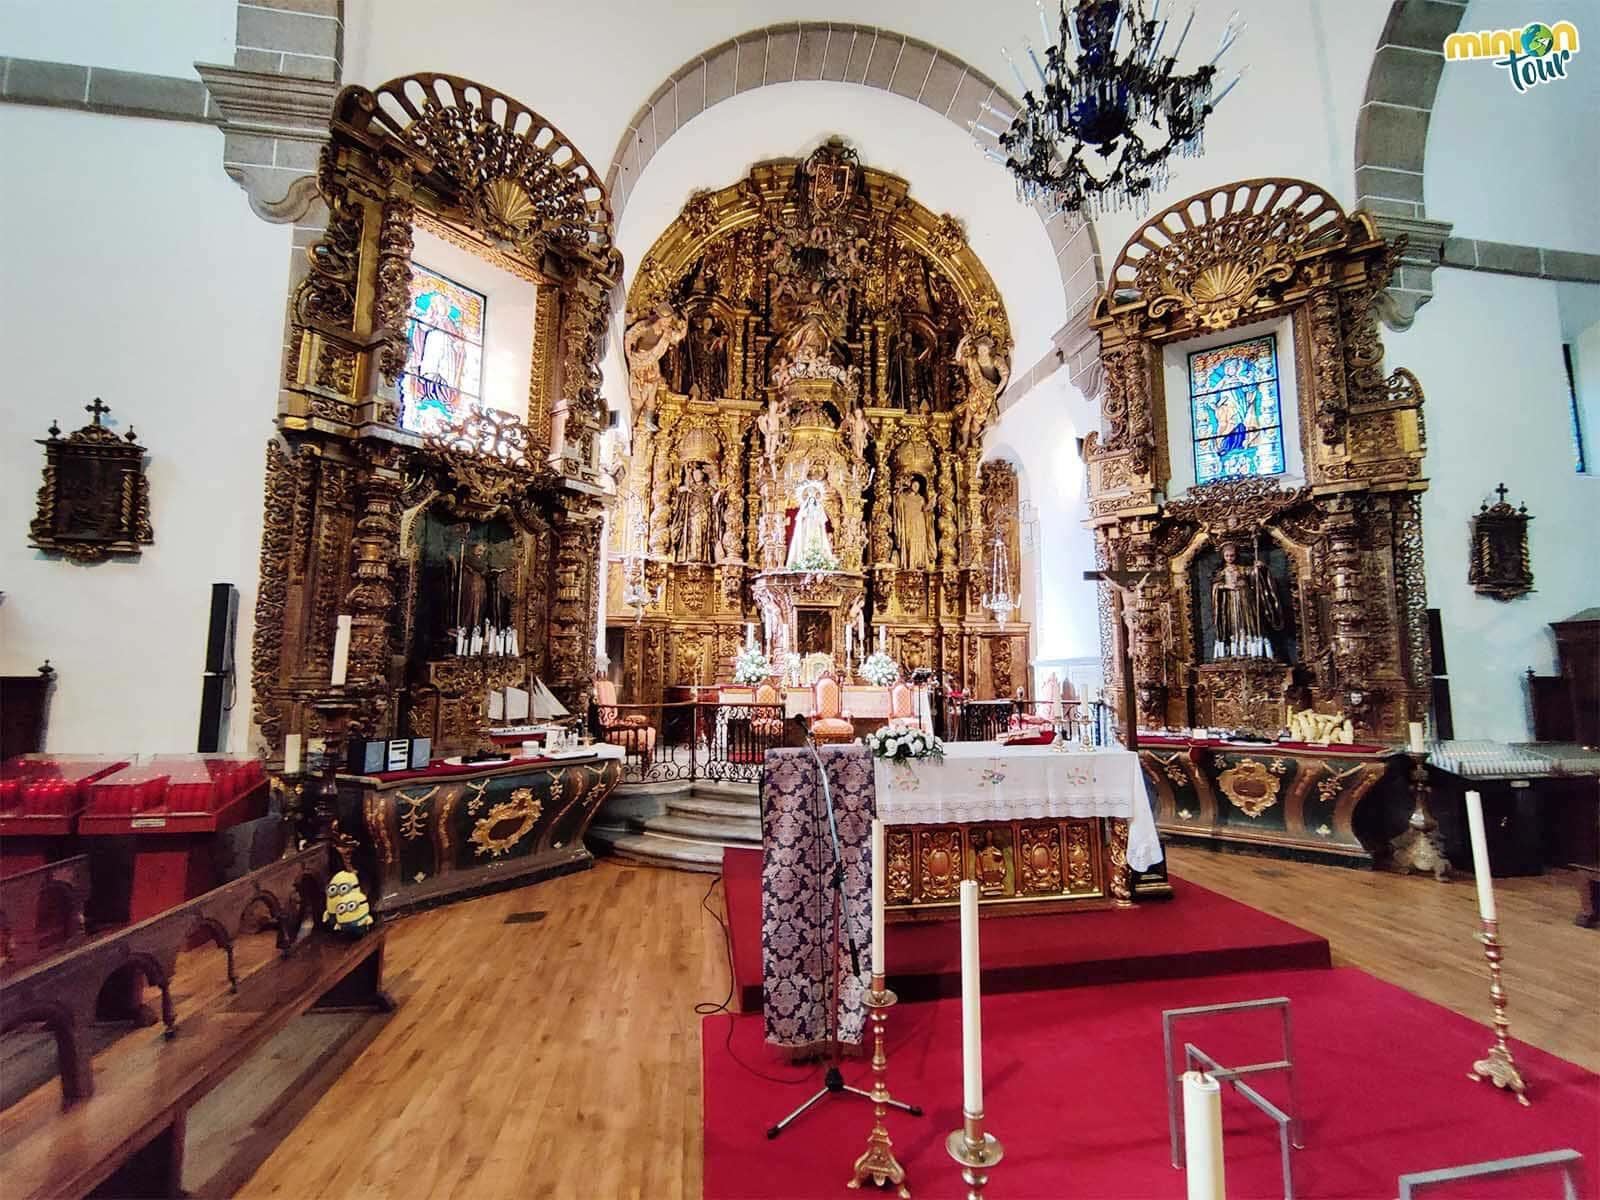 Los retablos de este santuario son muy chulos